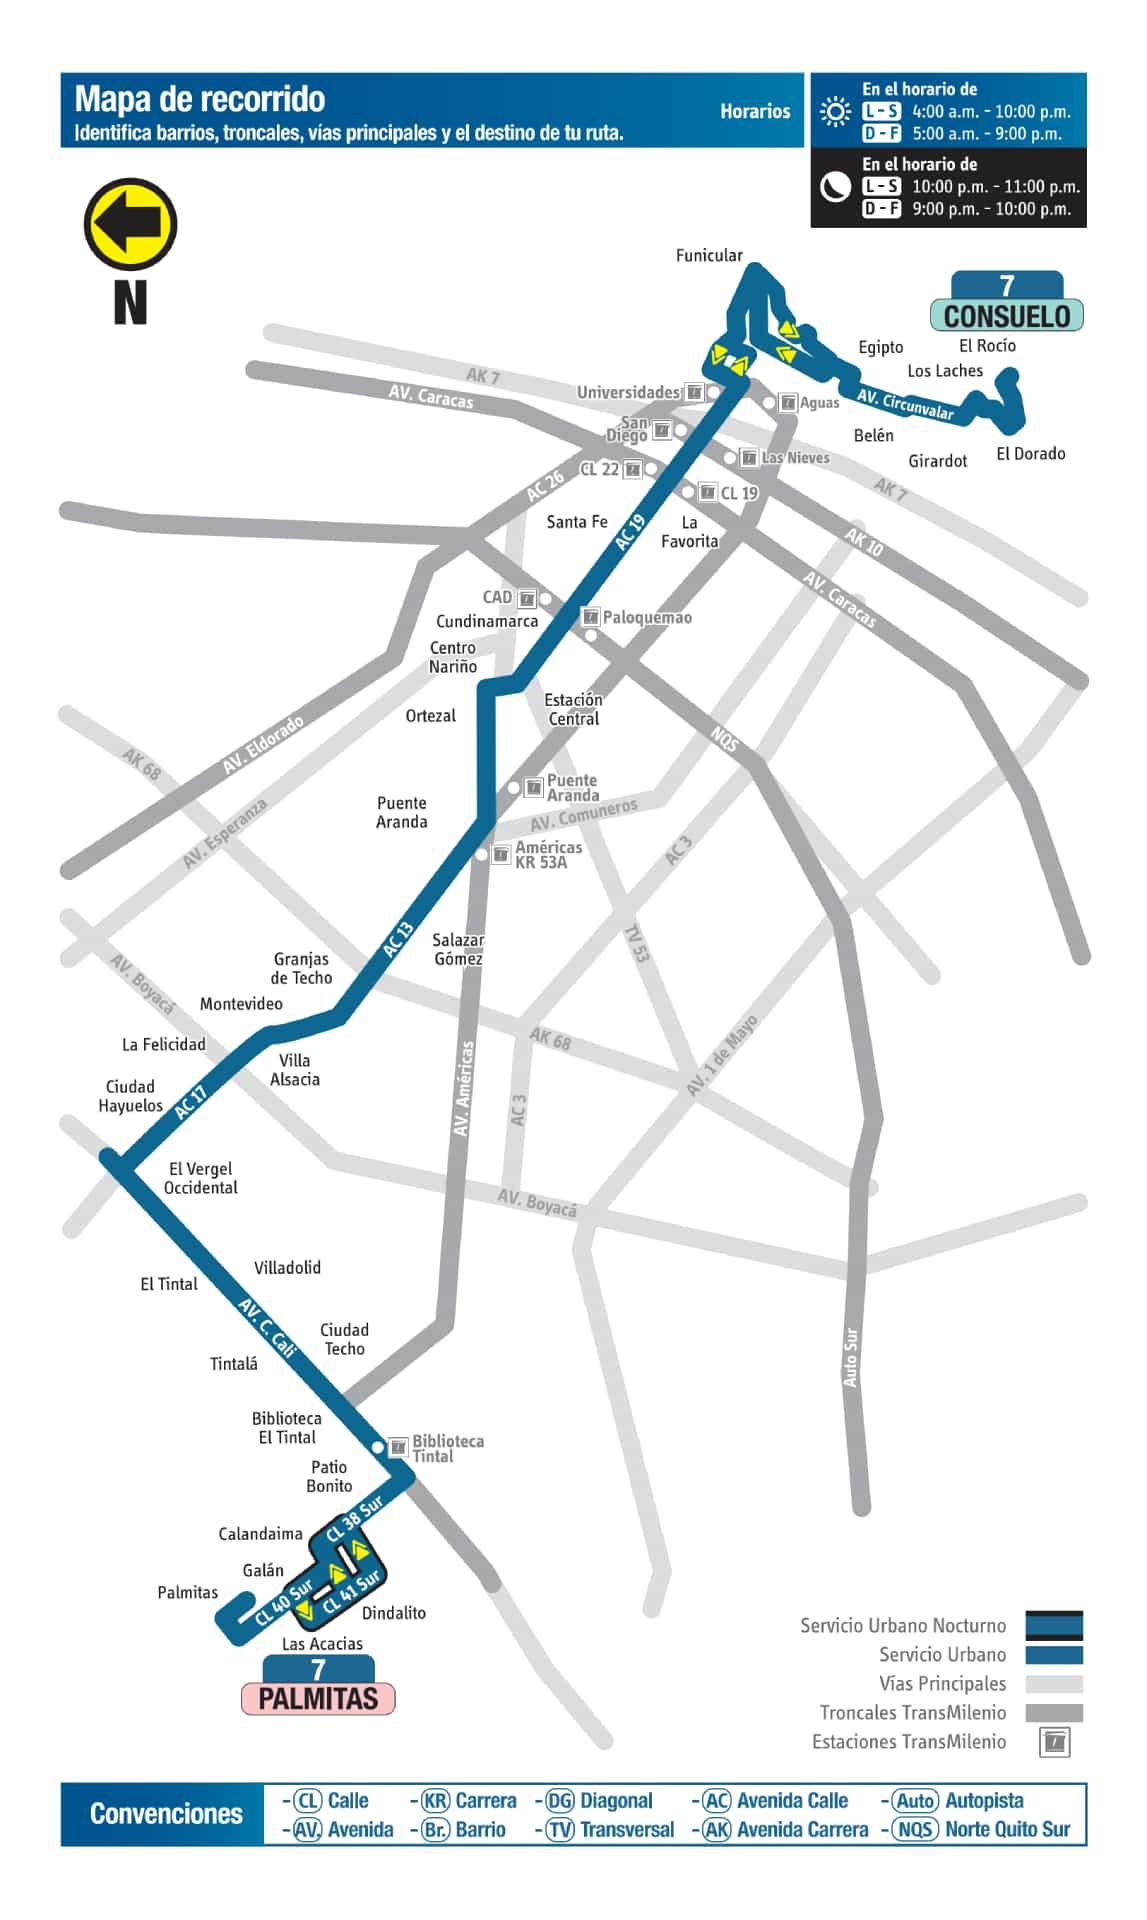 7 Palmitas - Consuelo, mapa ruta bus urbano